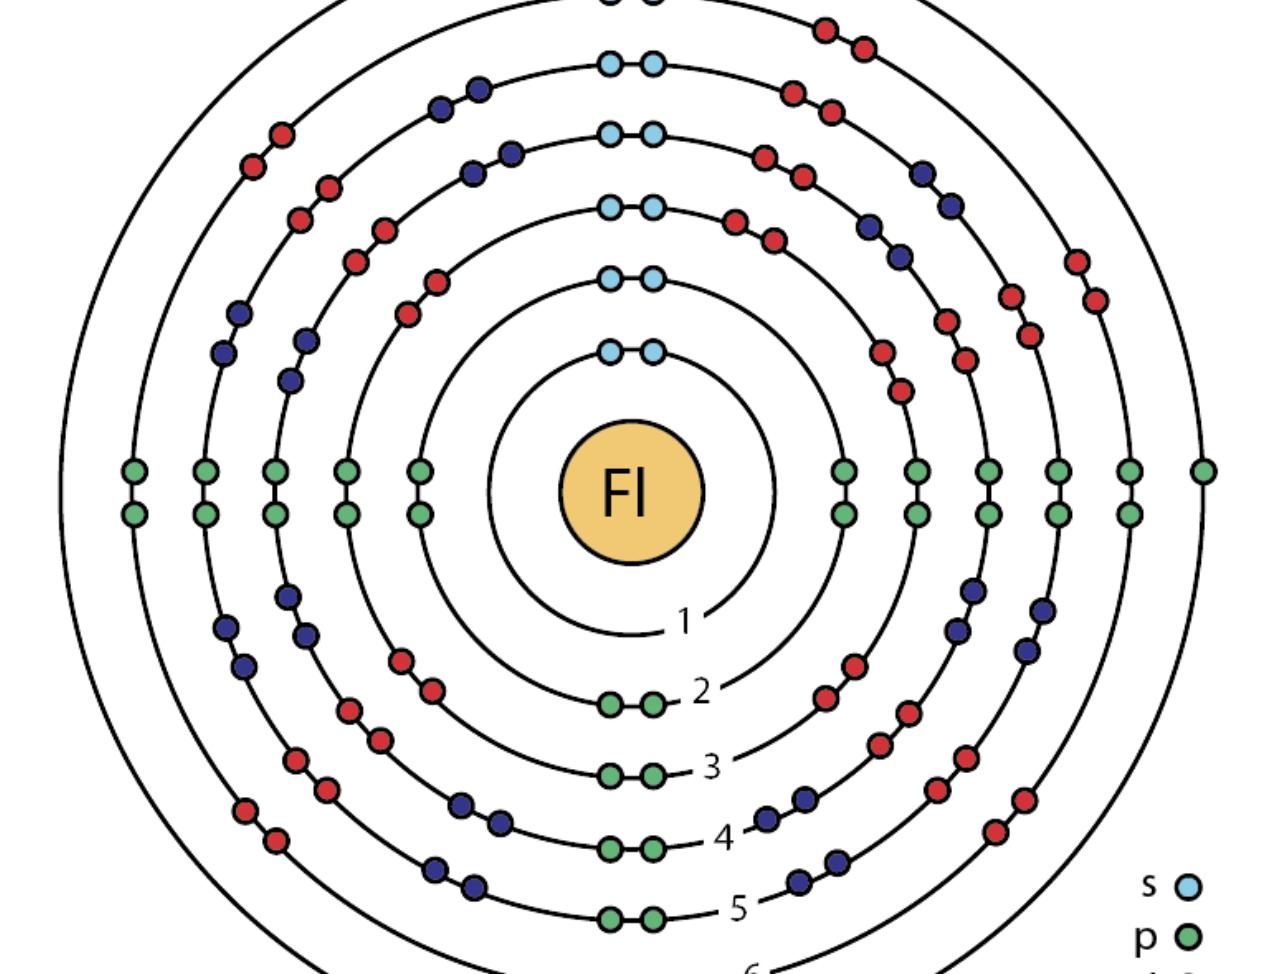 Físicos descubren que el Flerovio no es tan estable como se predijo